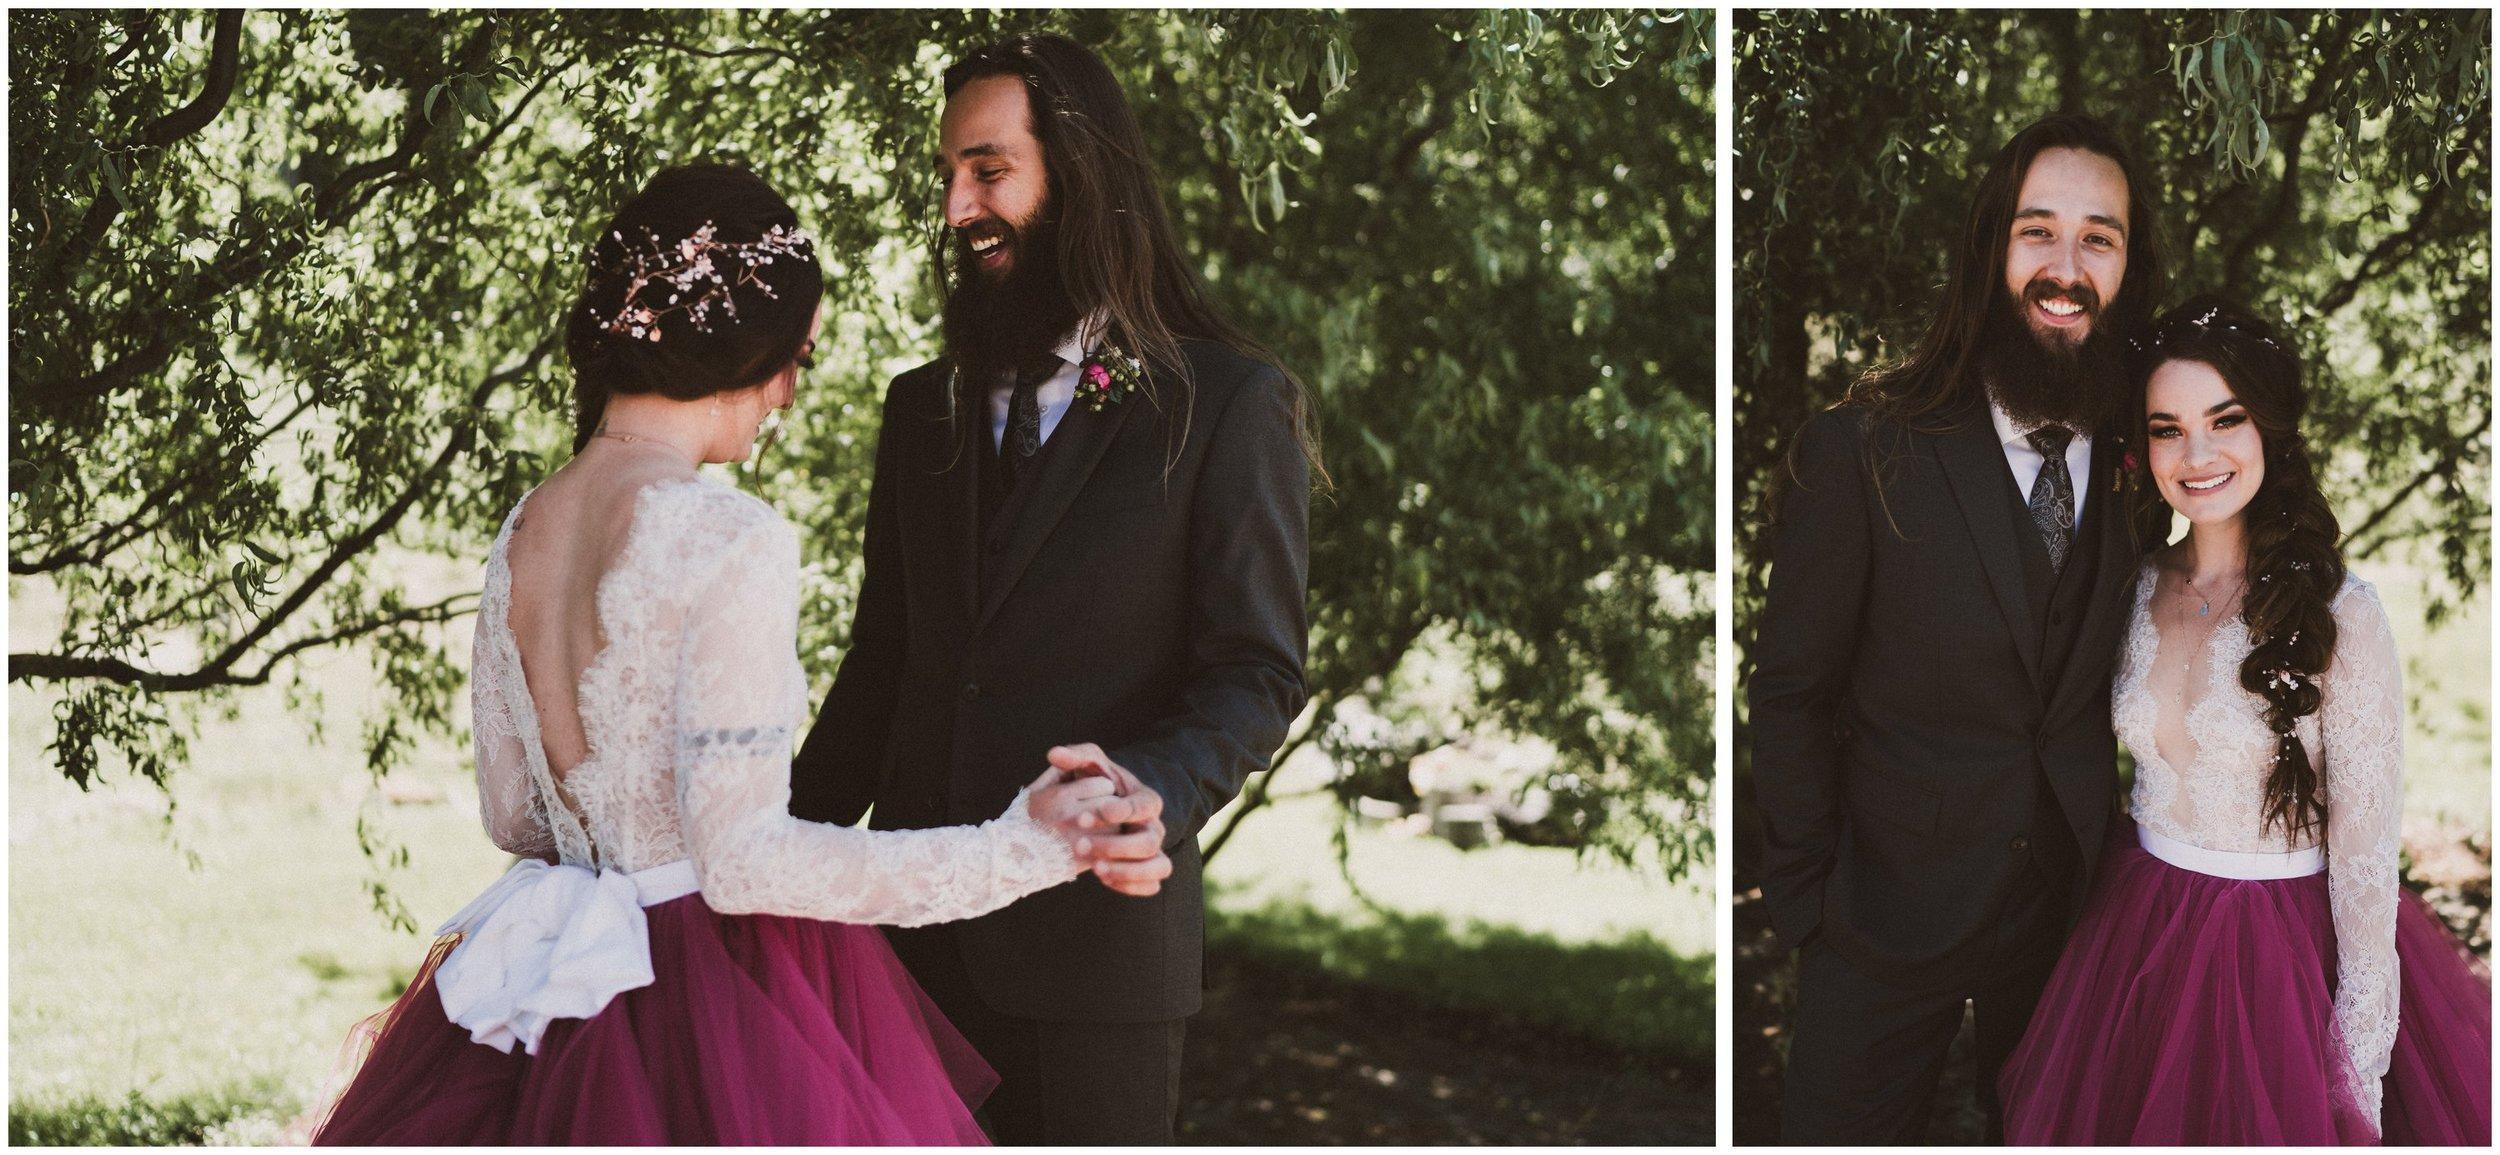 TONY-GAMBINO-PHOTOGRAPHY-BEND-OREGON-WEDDING-SHOOT-000_1516.jpg